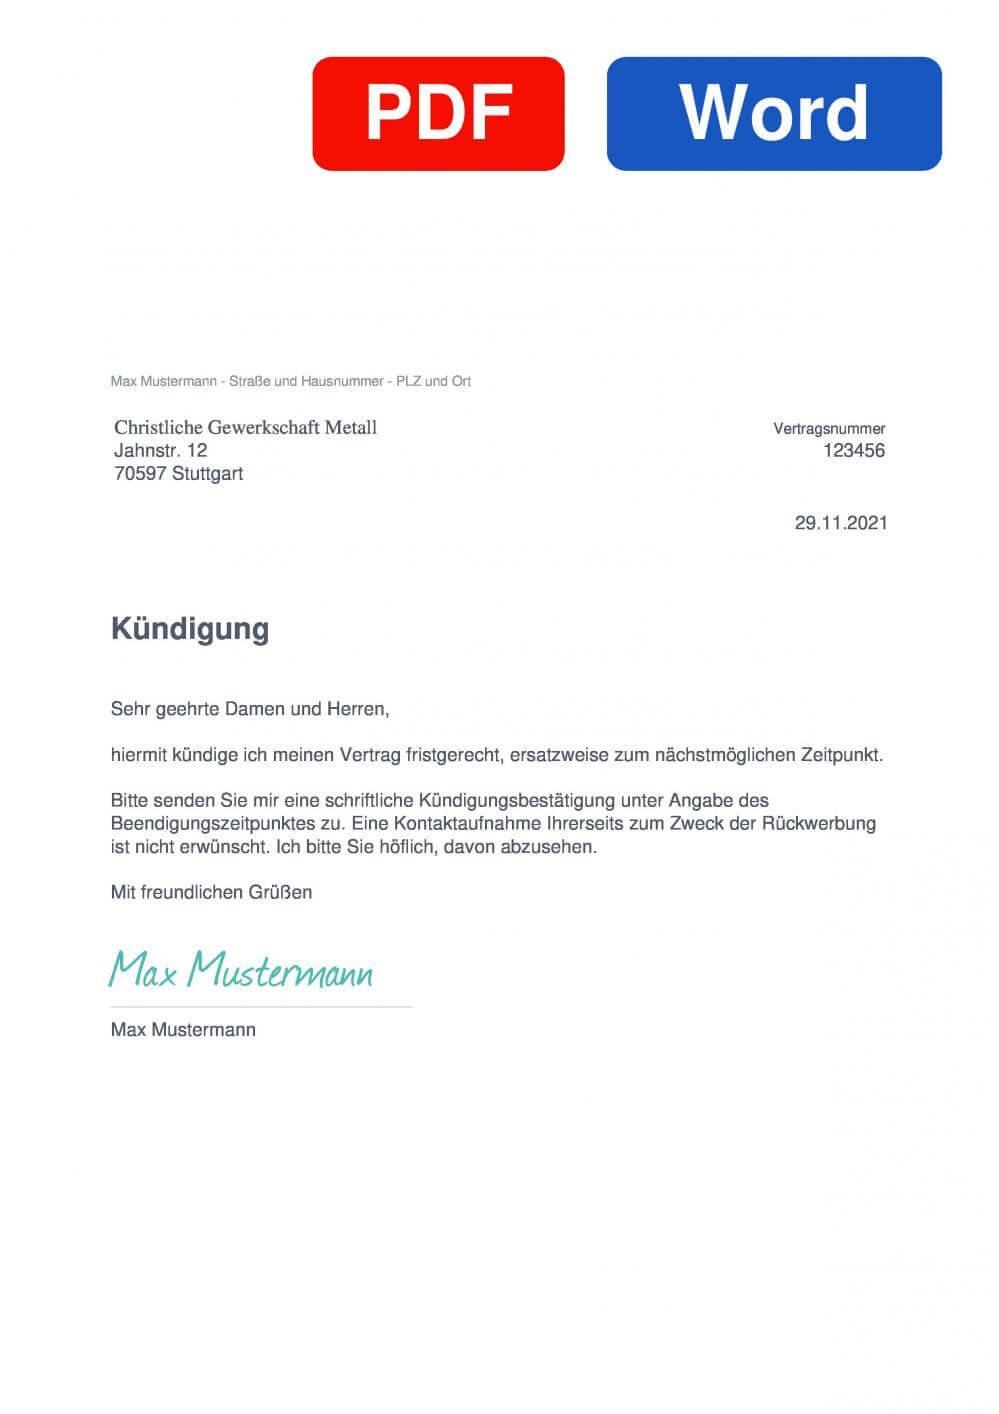 CGM Muster Vorlage für Kündigungsschreiben